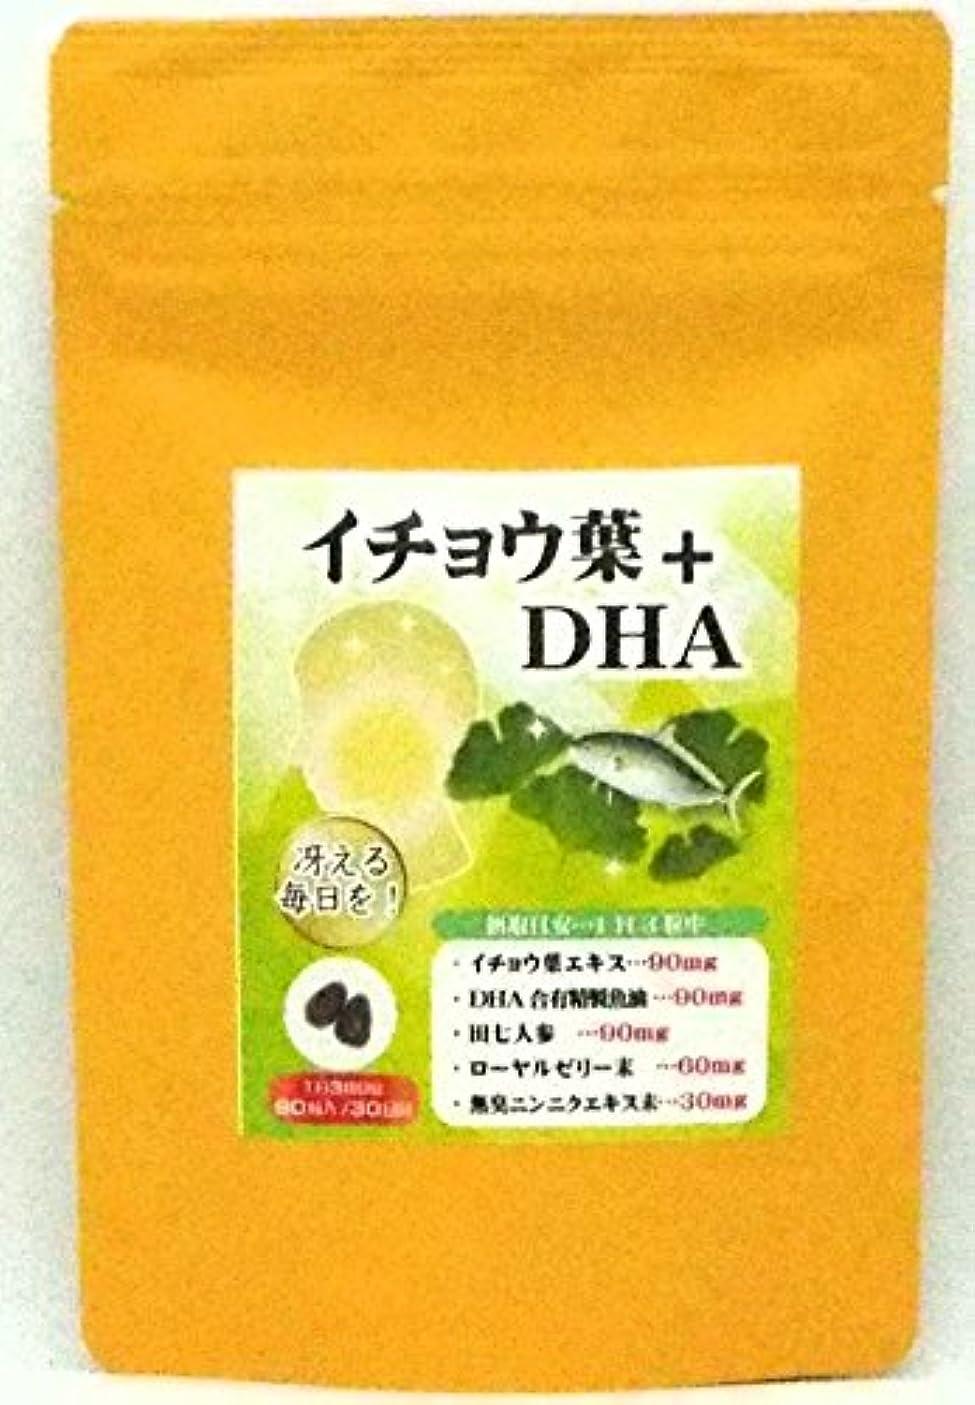 接尾辞強度抵当イチョウ葉+DHA サプリメント 90粒入 3粒にイチョウ葉エキス90mg、DHA合有精製魚油90mg、田七人参90mg、ローヤルゼリー末60mg配合